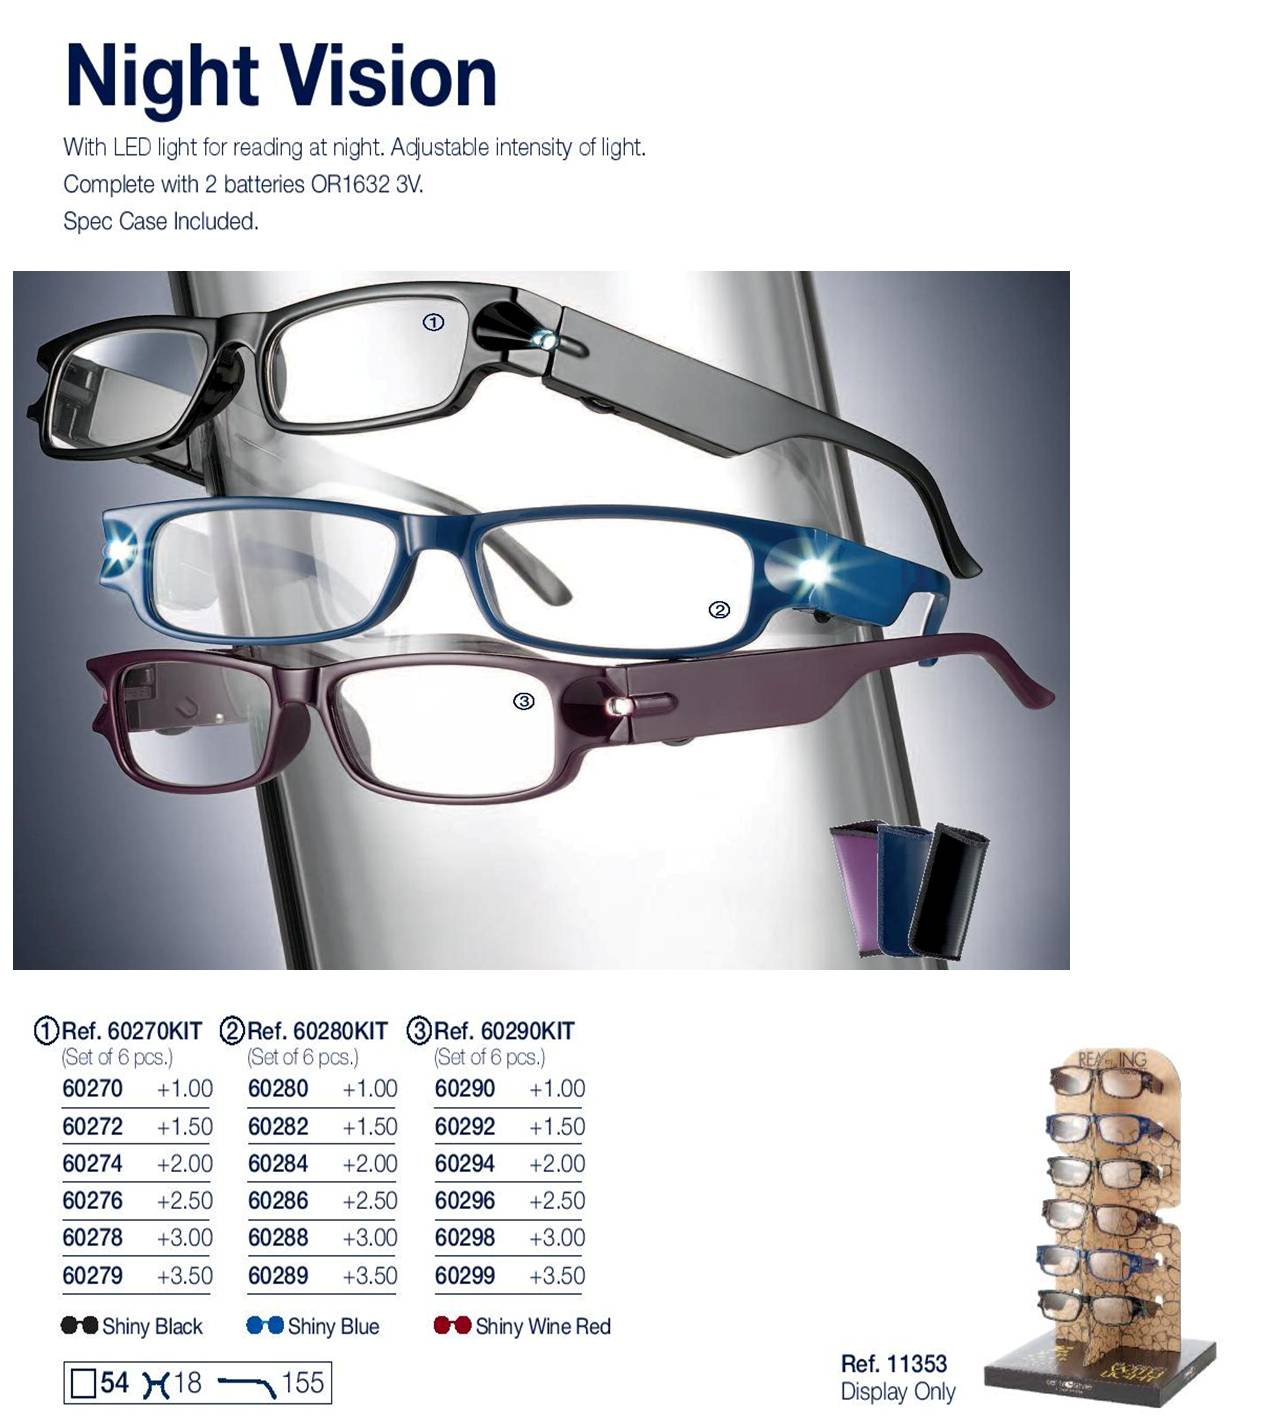 0260292 - Óculos Leitura Night Vision Bordo +1,50 Mod 60292 FLAG 9  -Contém 1 Peça